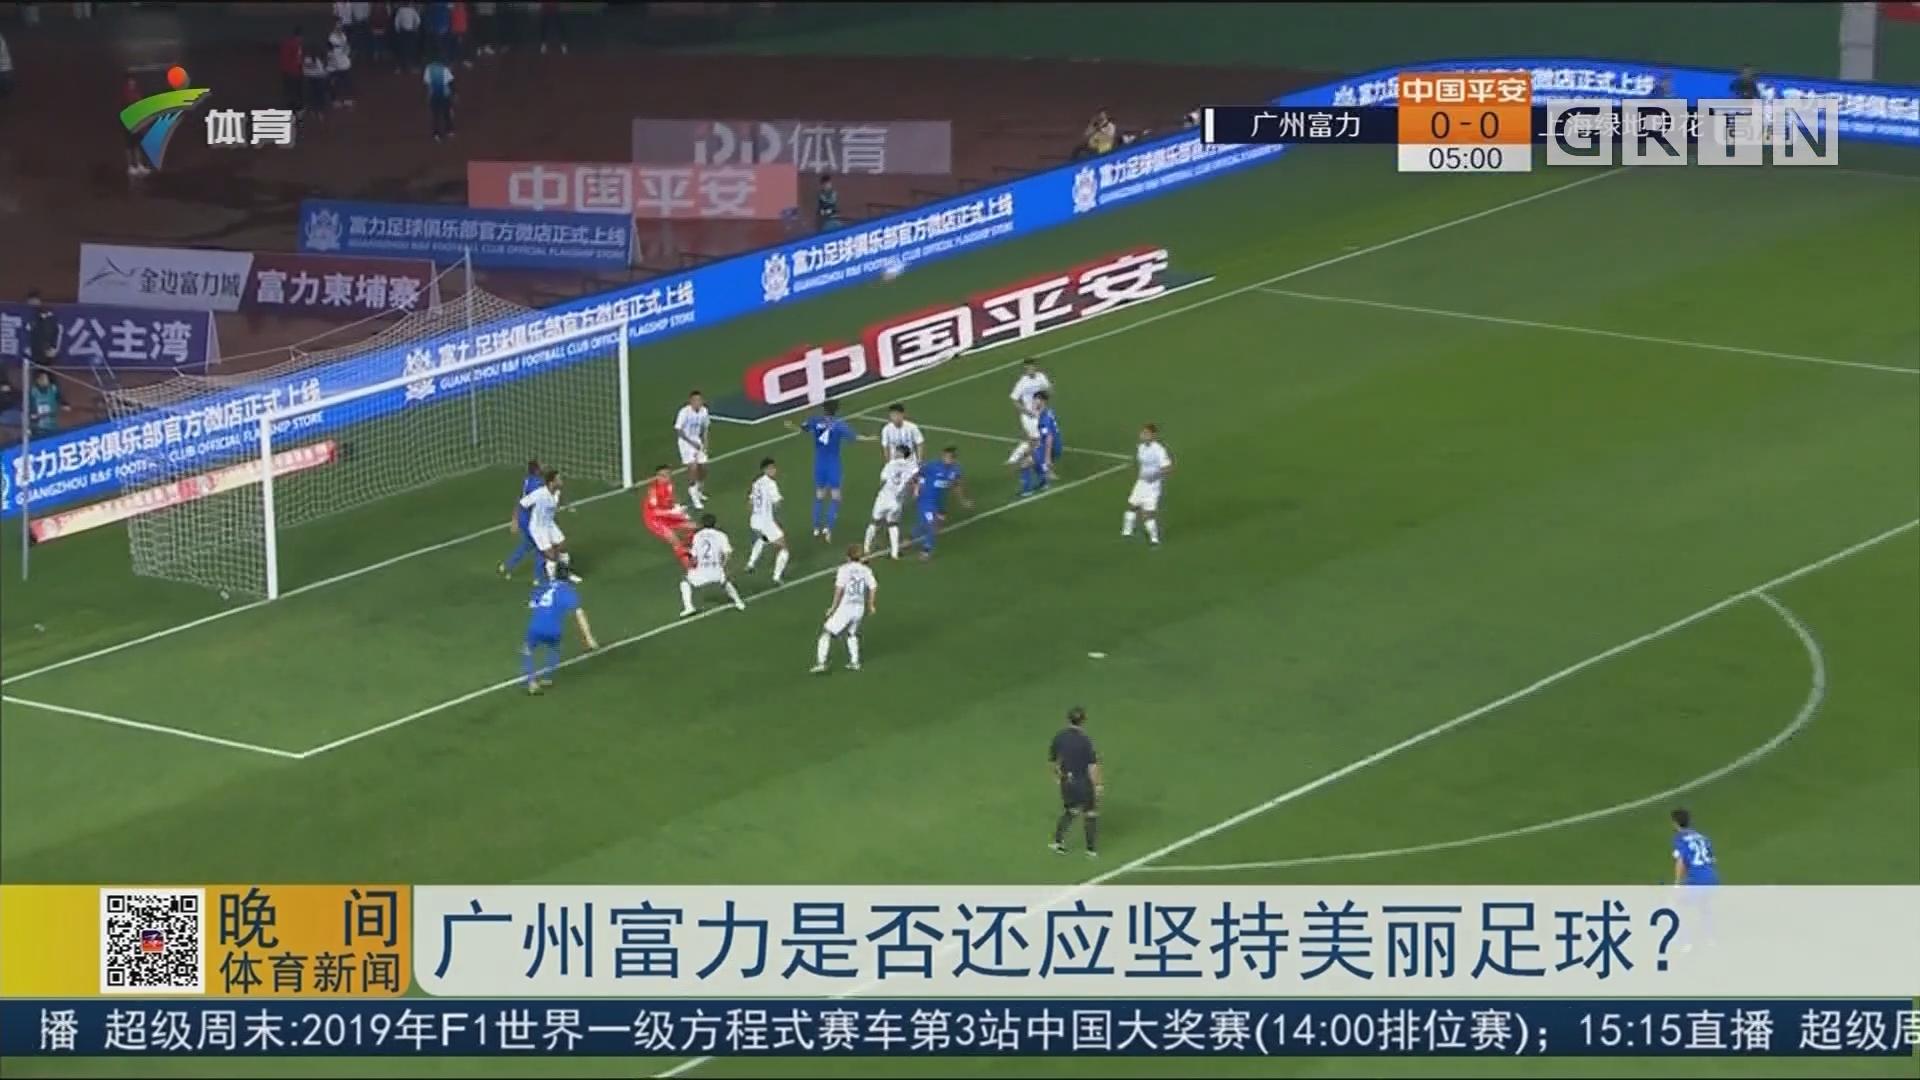 广州富力是否还应坚持美丽足球?